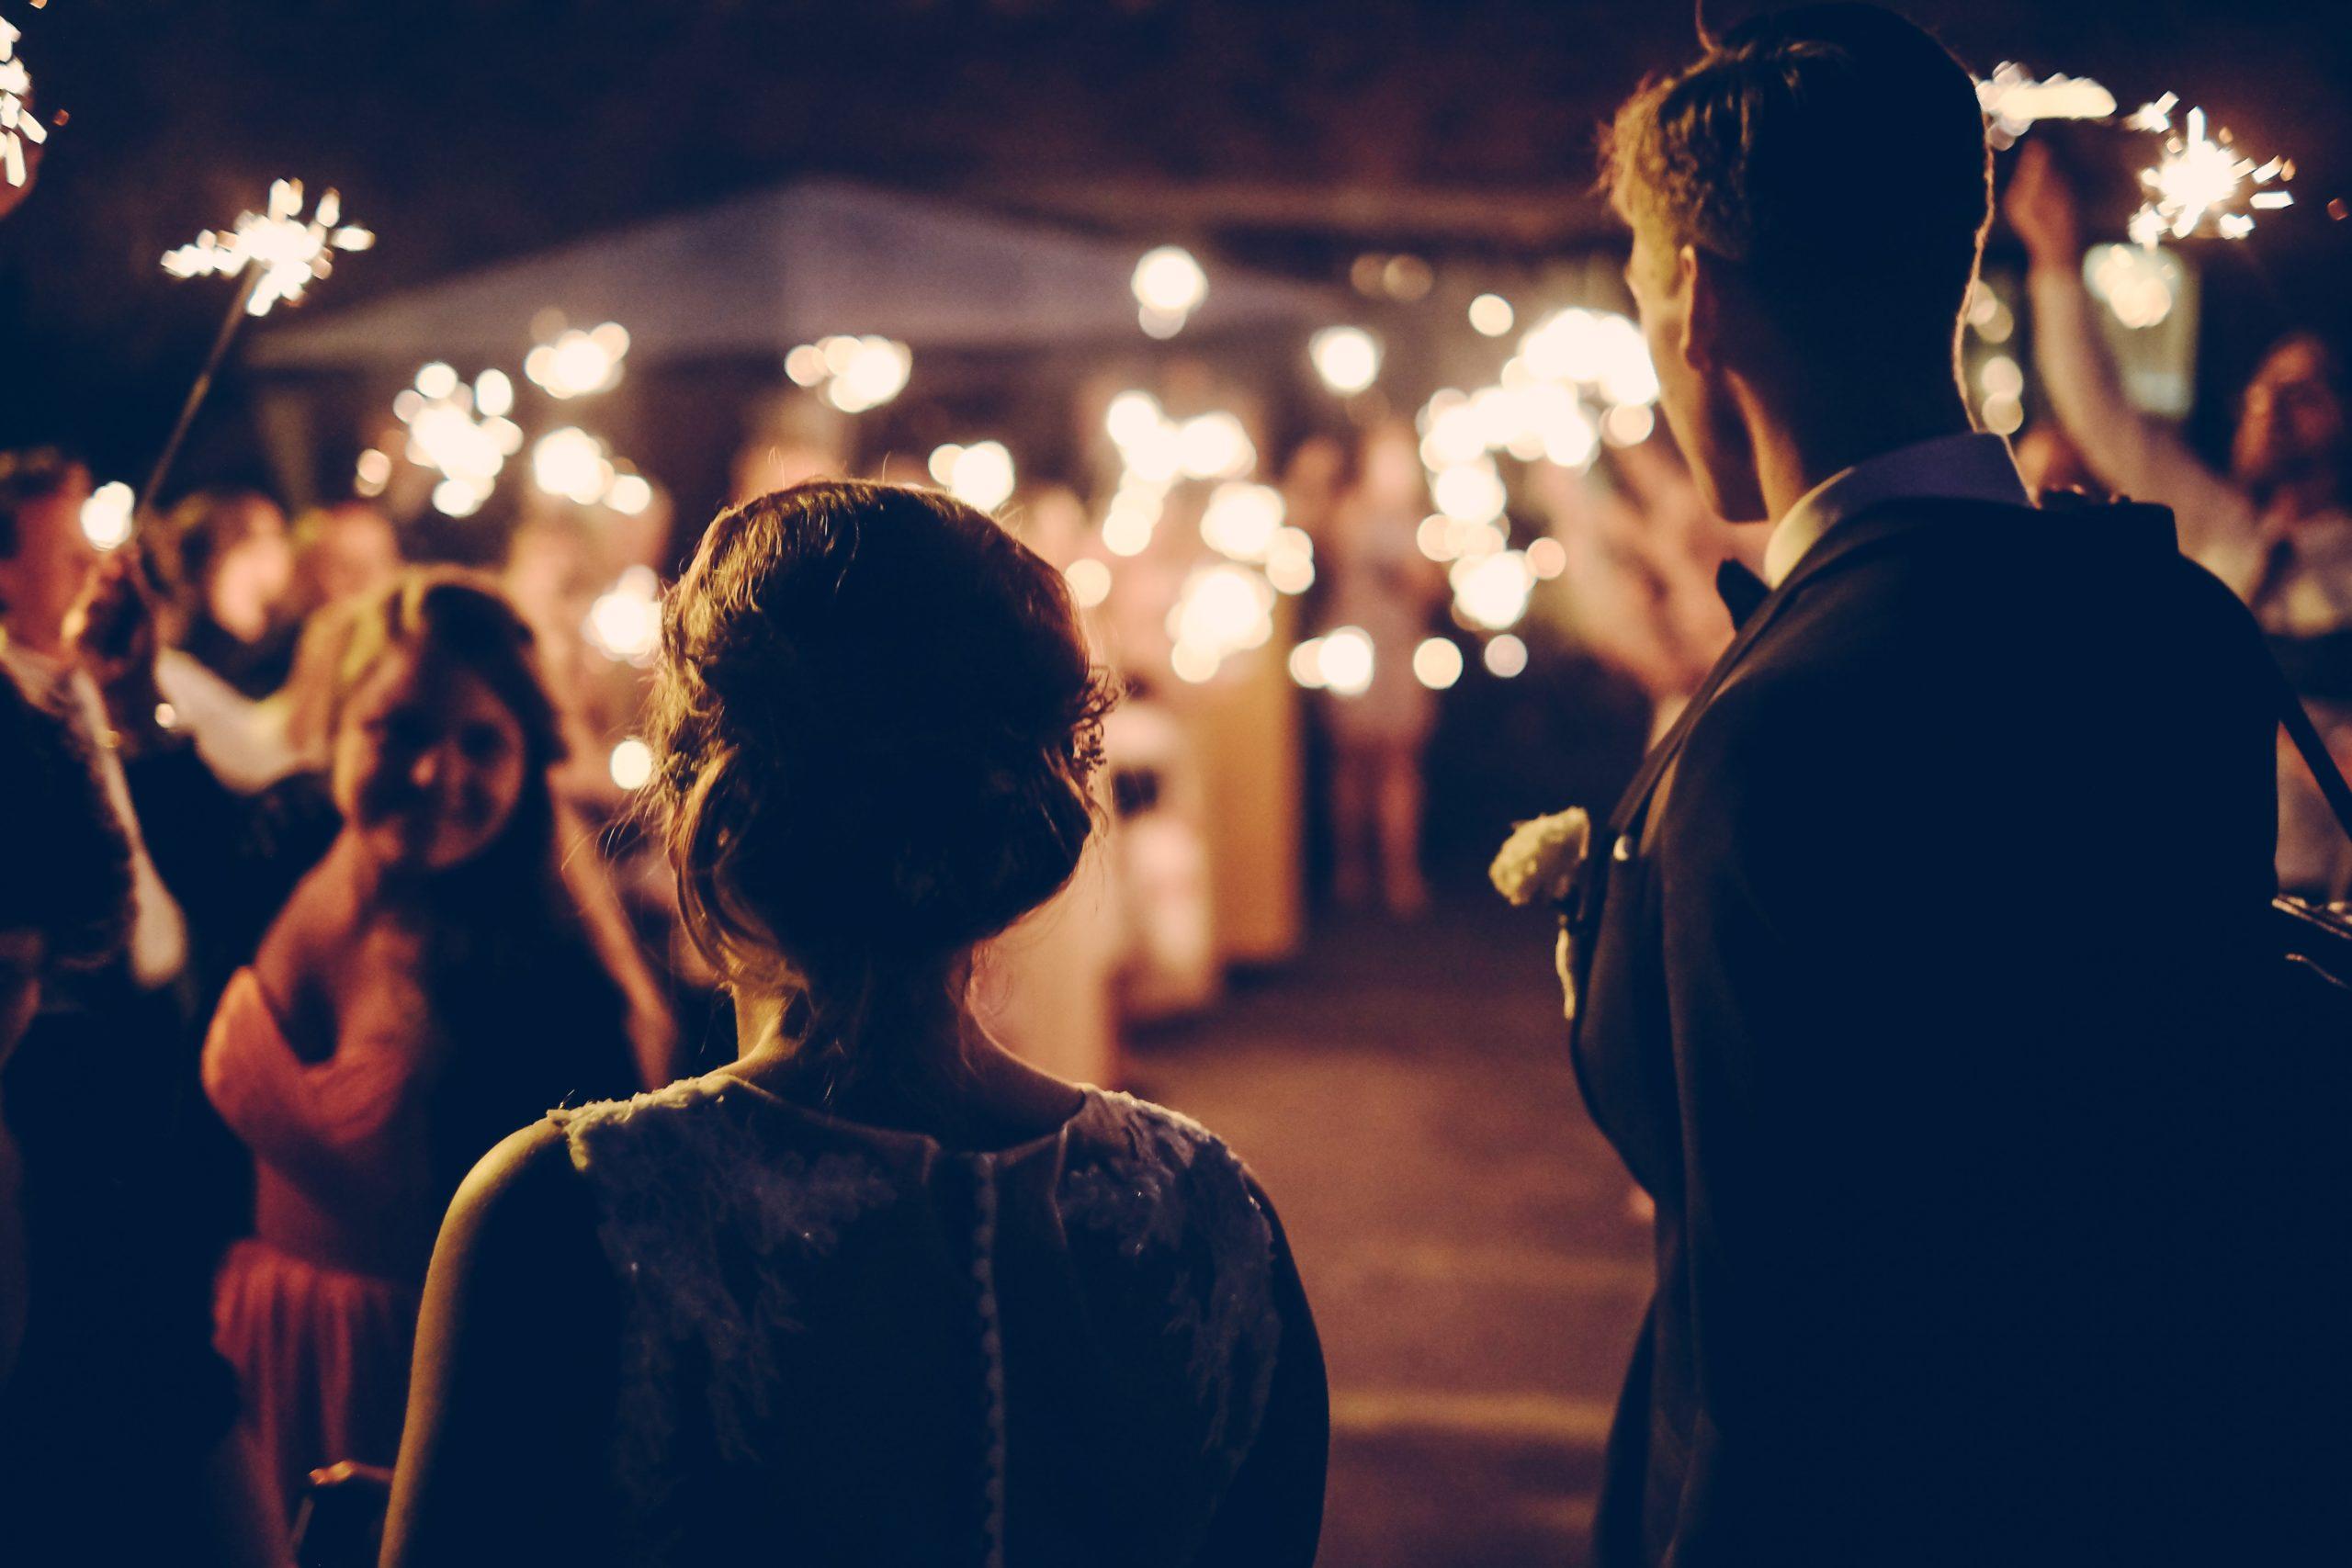 Hochzeitspaar Empfang Abends mit Lichtern